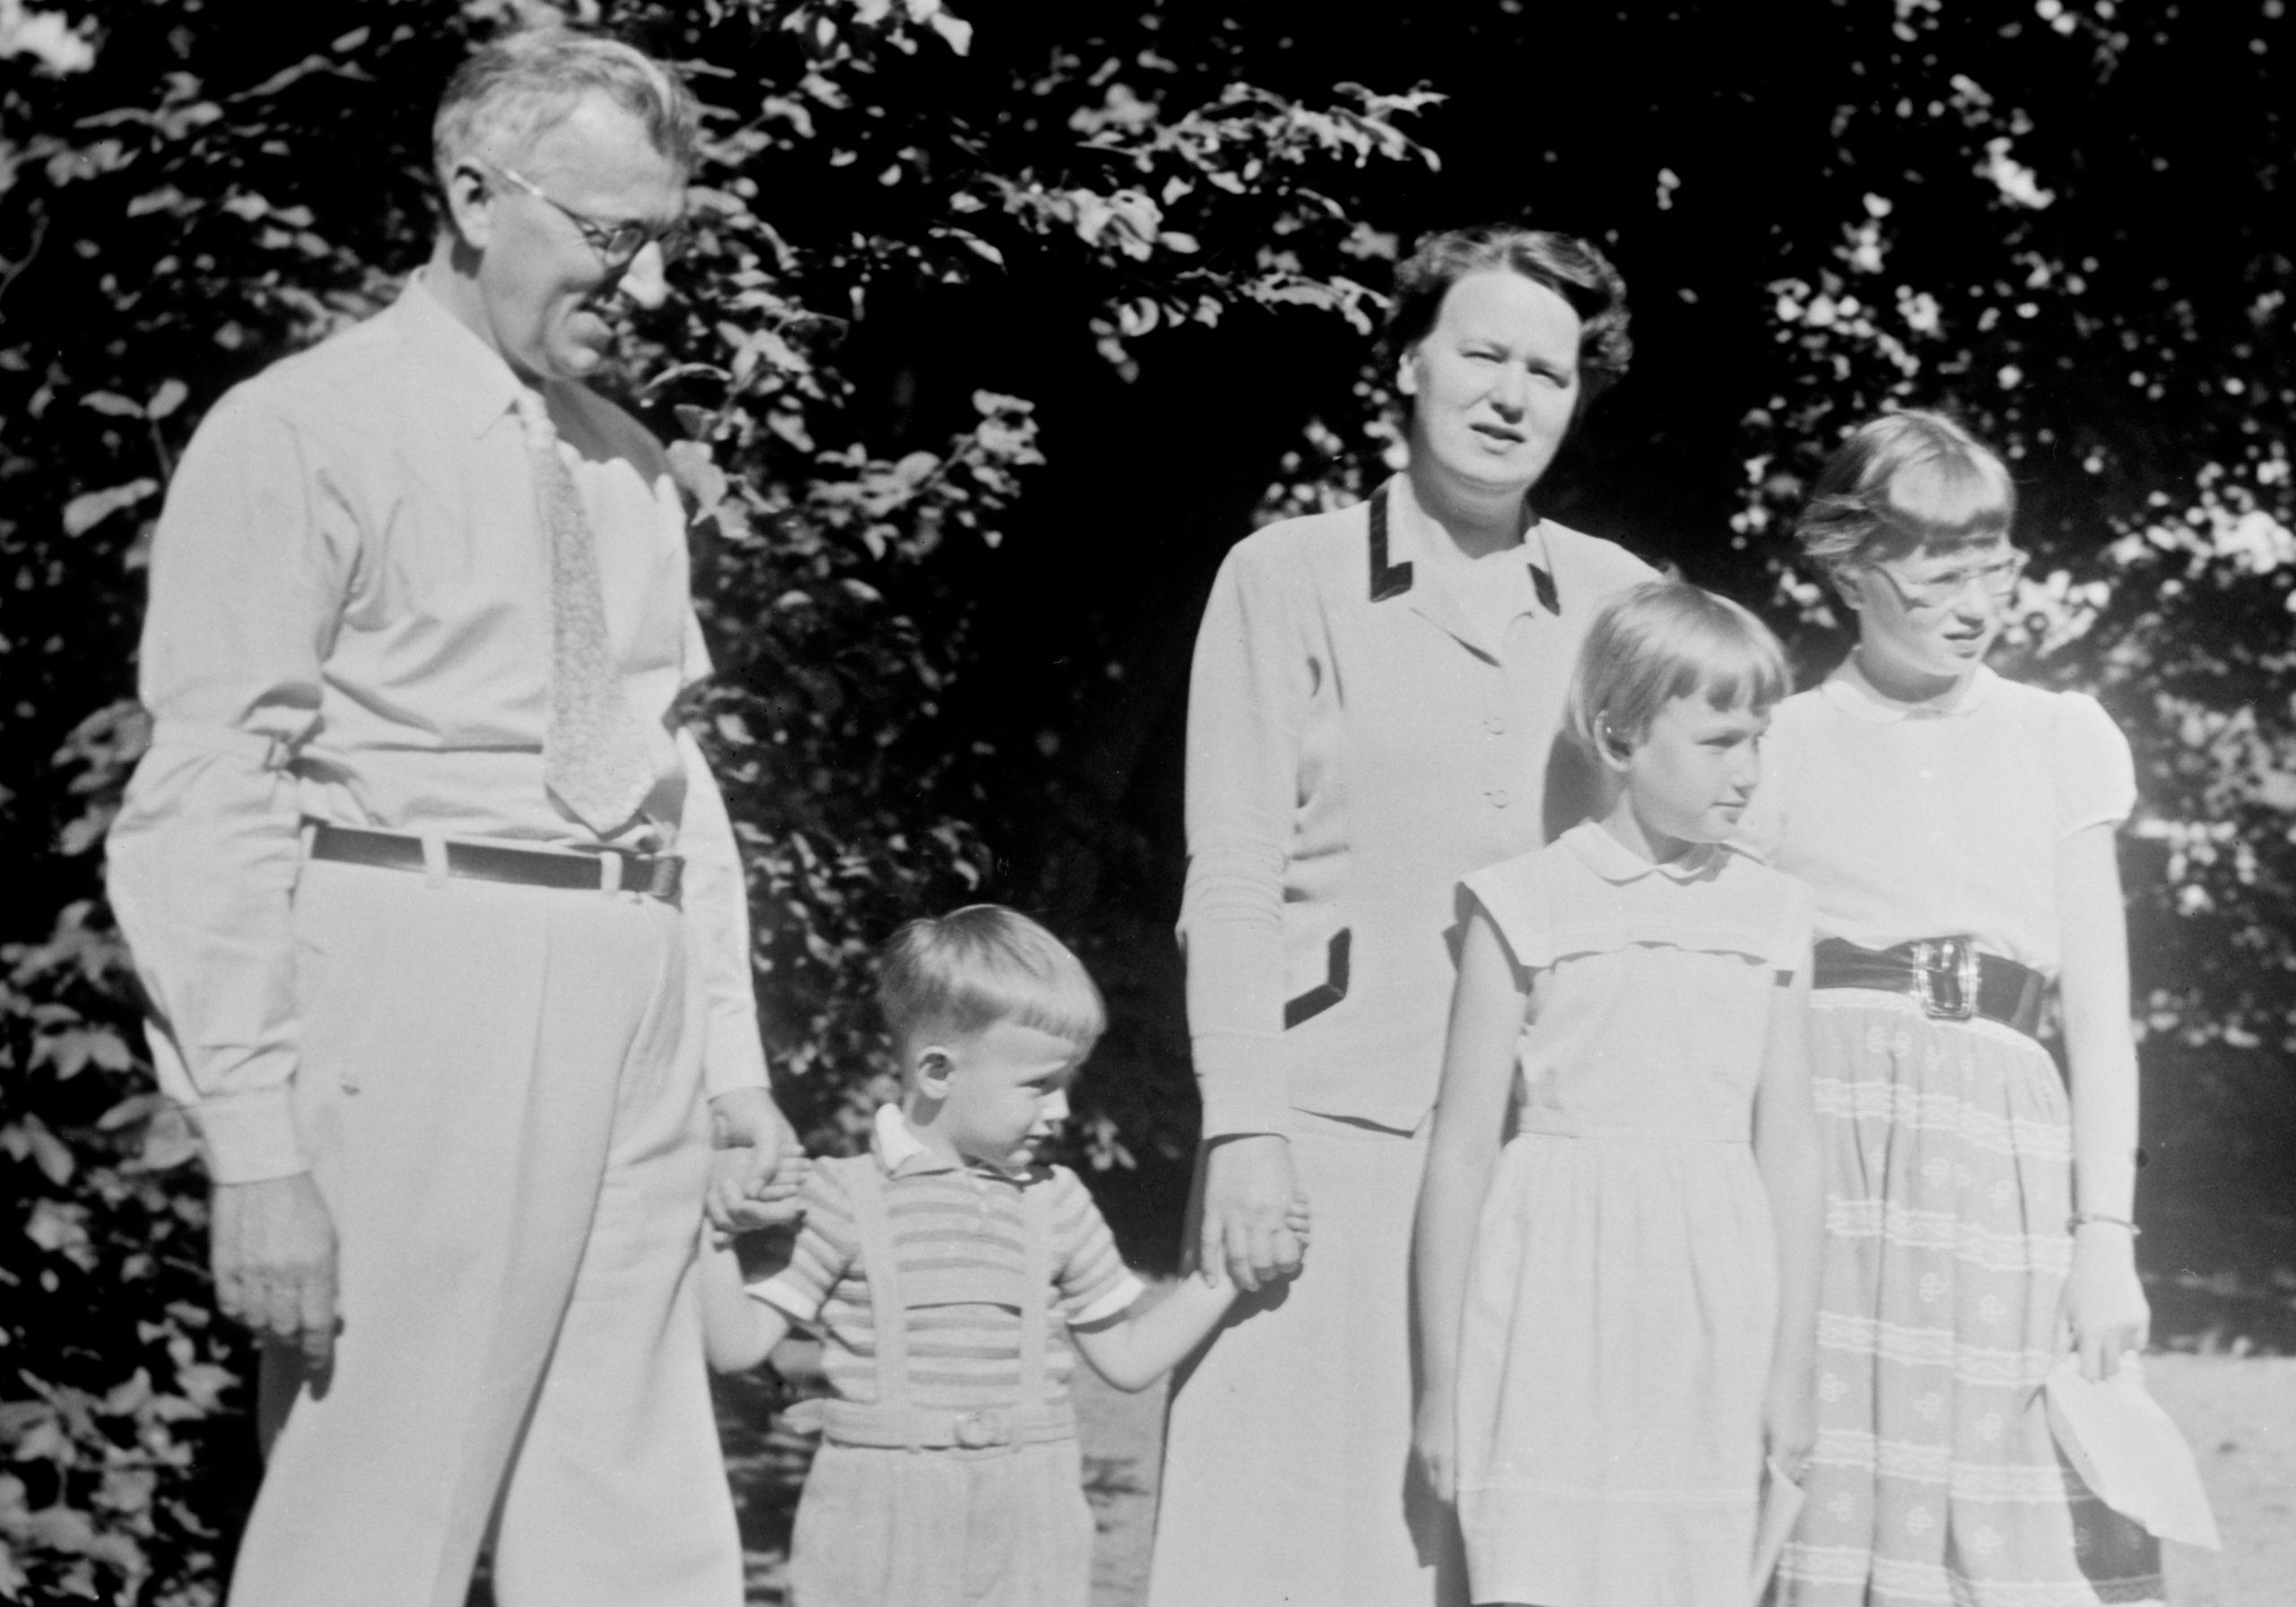 Inge und Britta Bergenek mit ihren 3 Kindern in den frühen 1950er Jahren